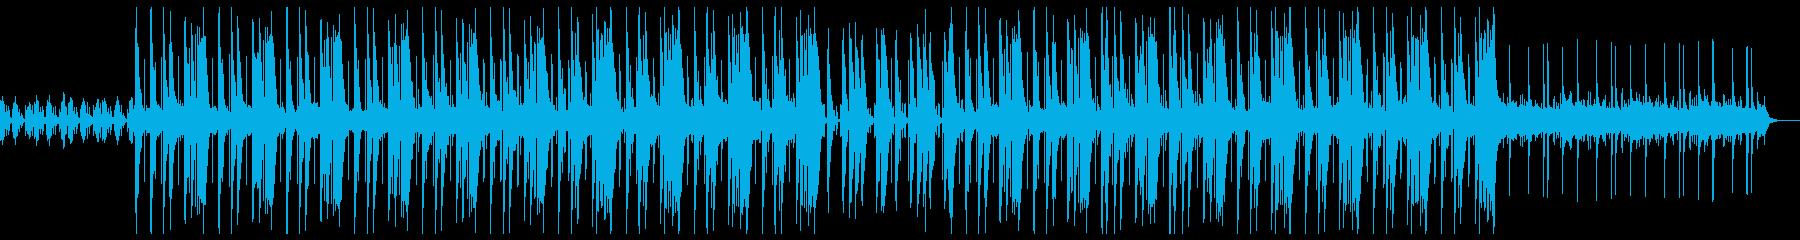 ダーク トラップ ビートの再生済みの波形